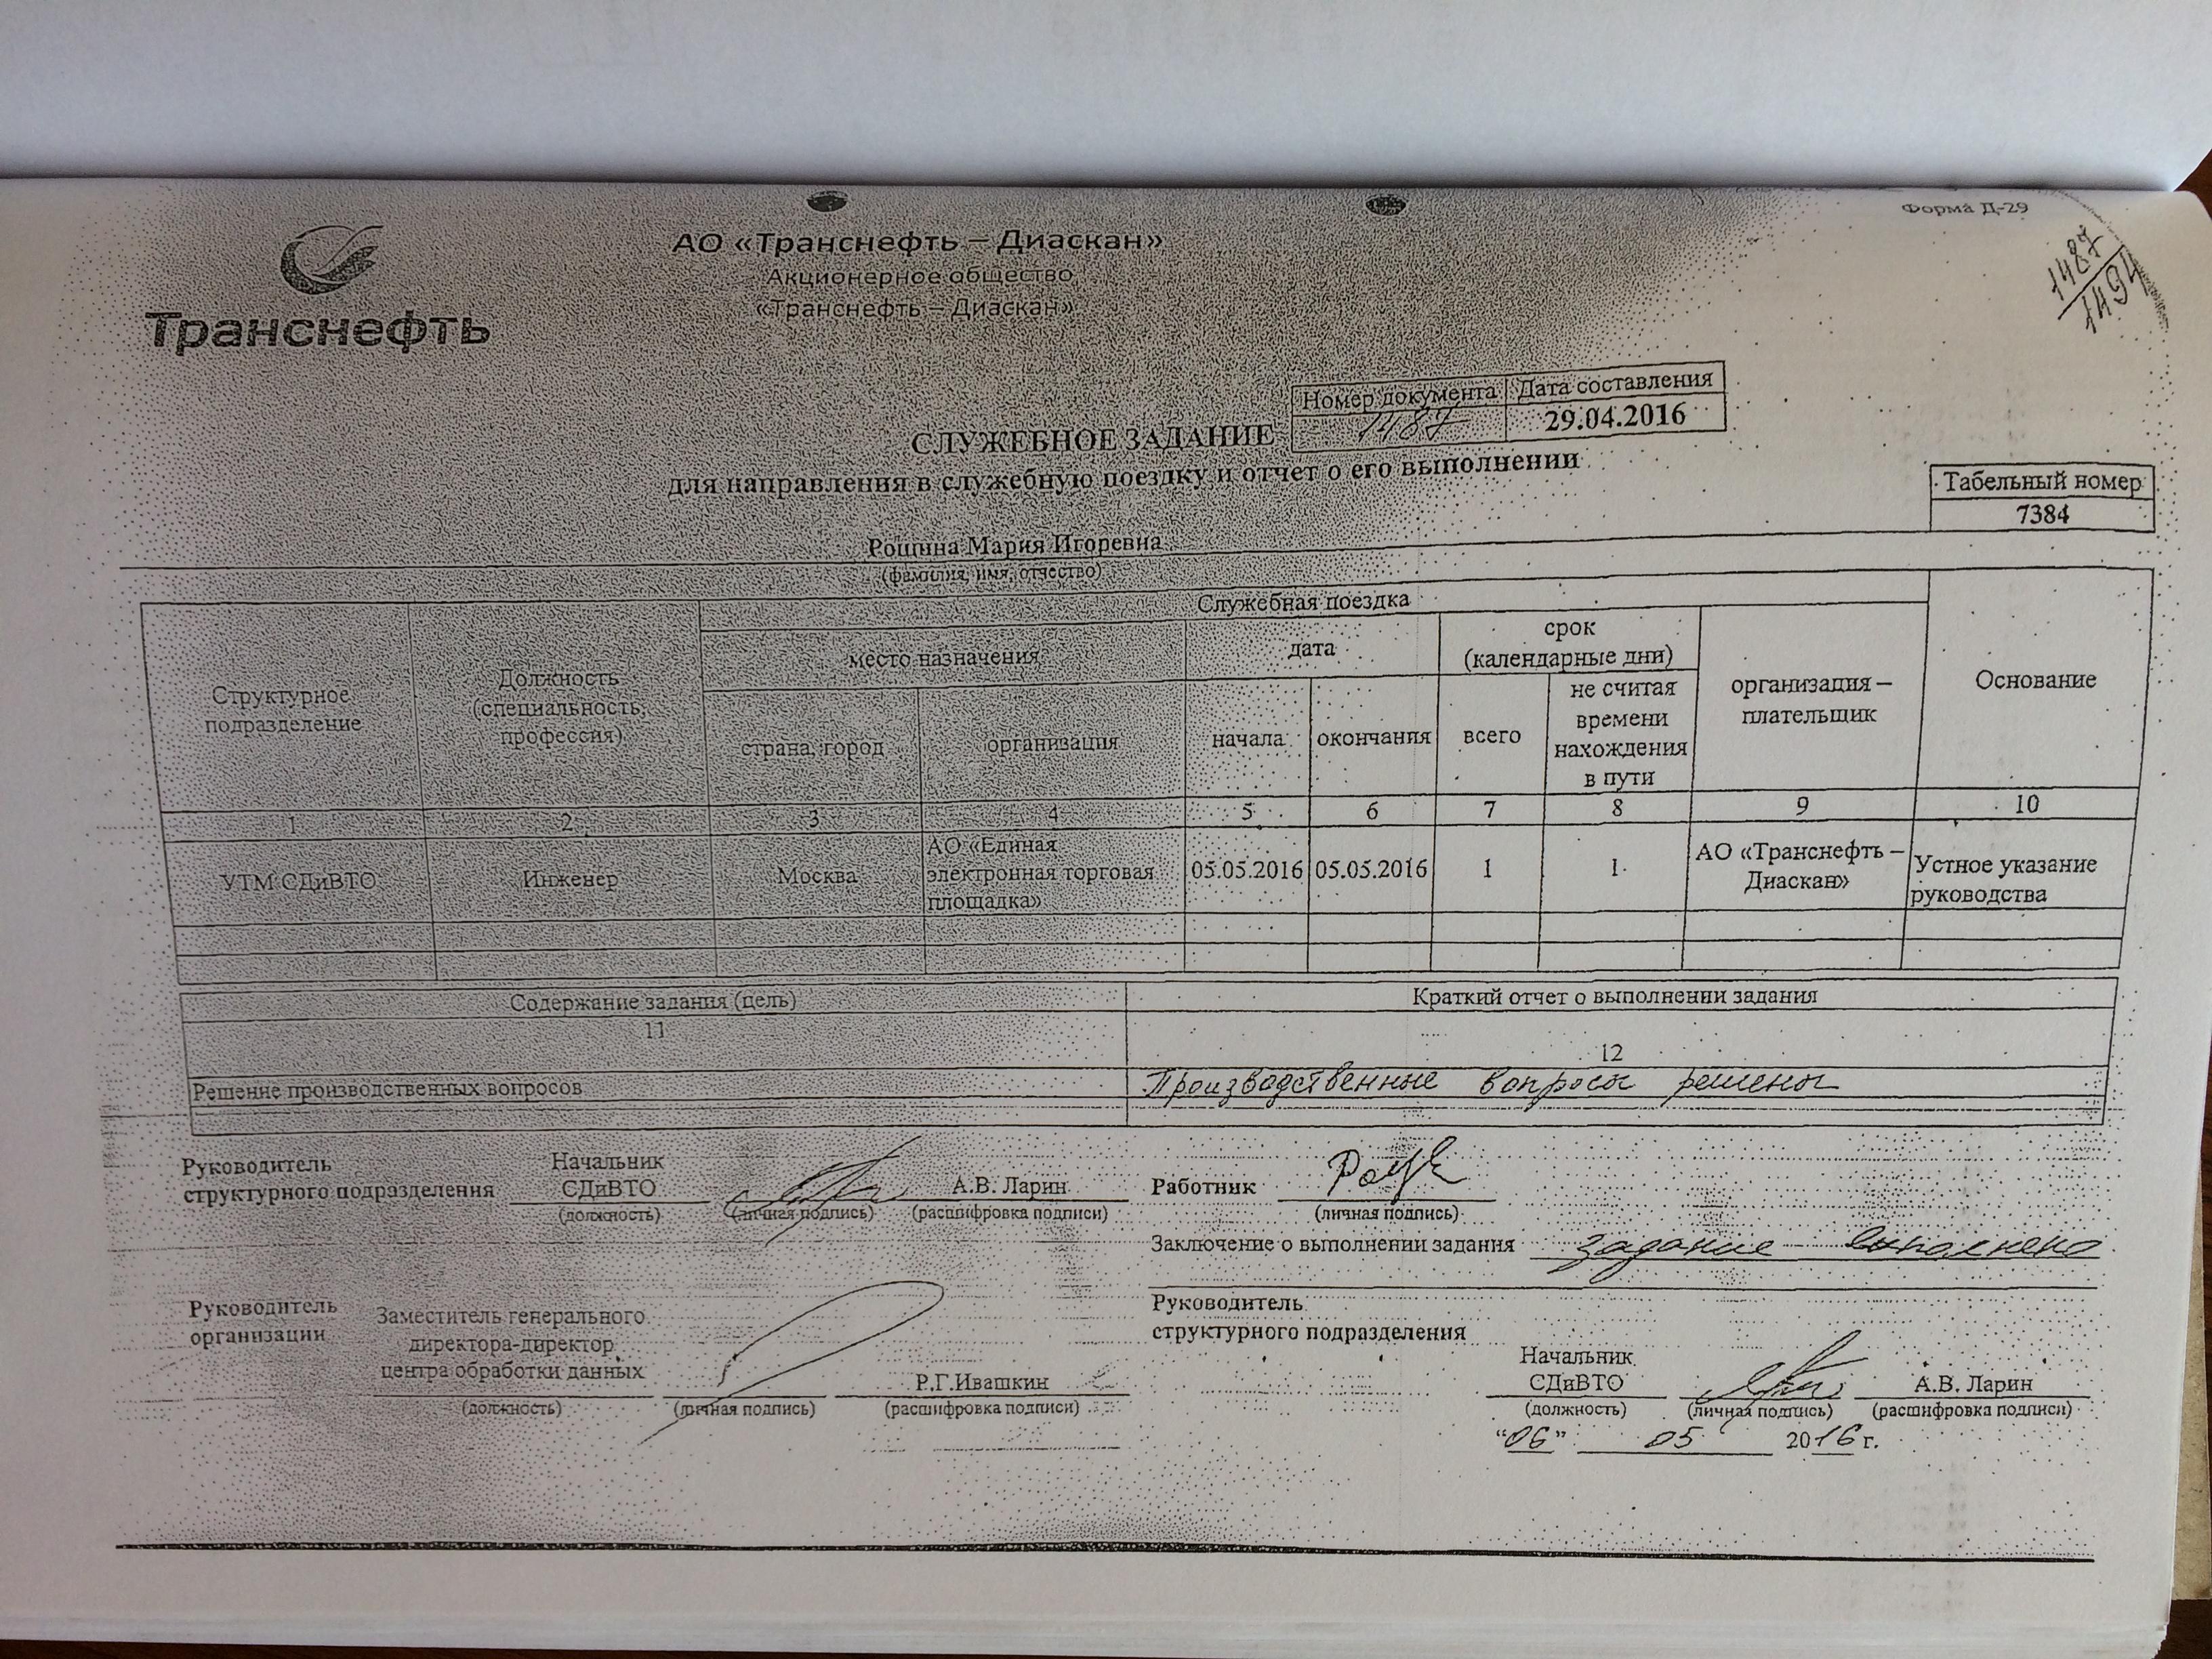 Фото документов проверки Луховицкой городской прокуратурой - 99 (5)